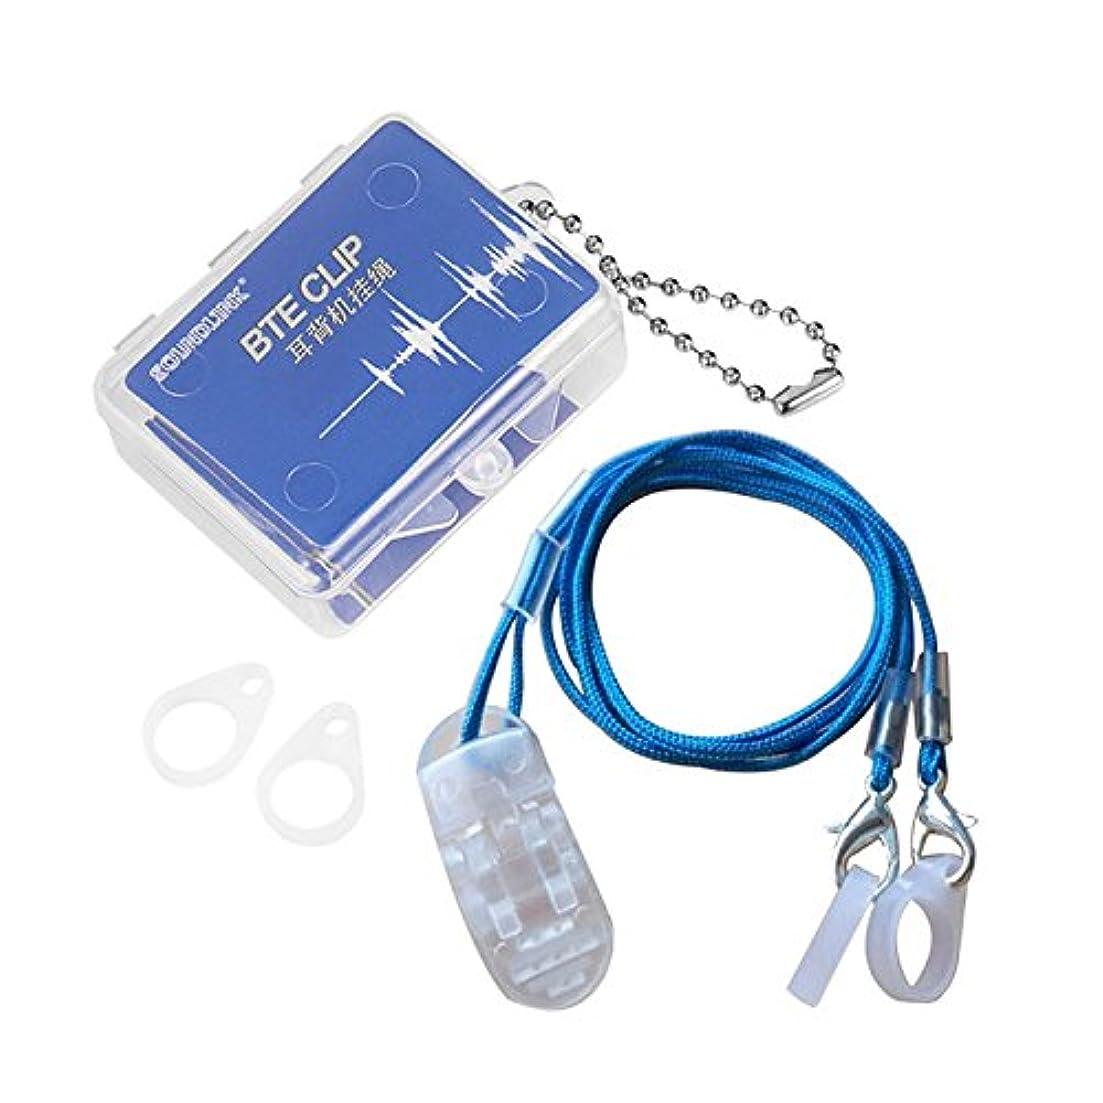 現象忘れられない有害Rabugoo 3個/セットBTEの補聴器ロストロープストラップ保護ロープストレージボックス